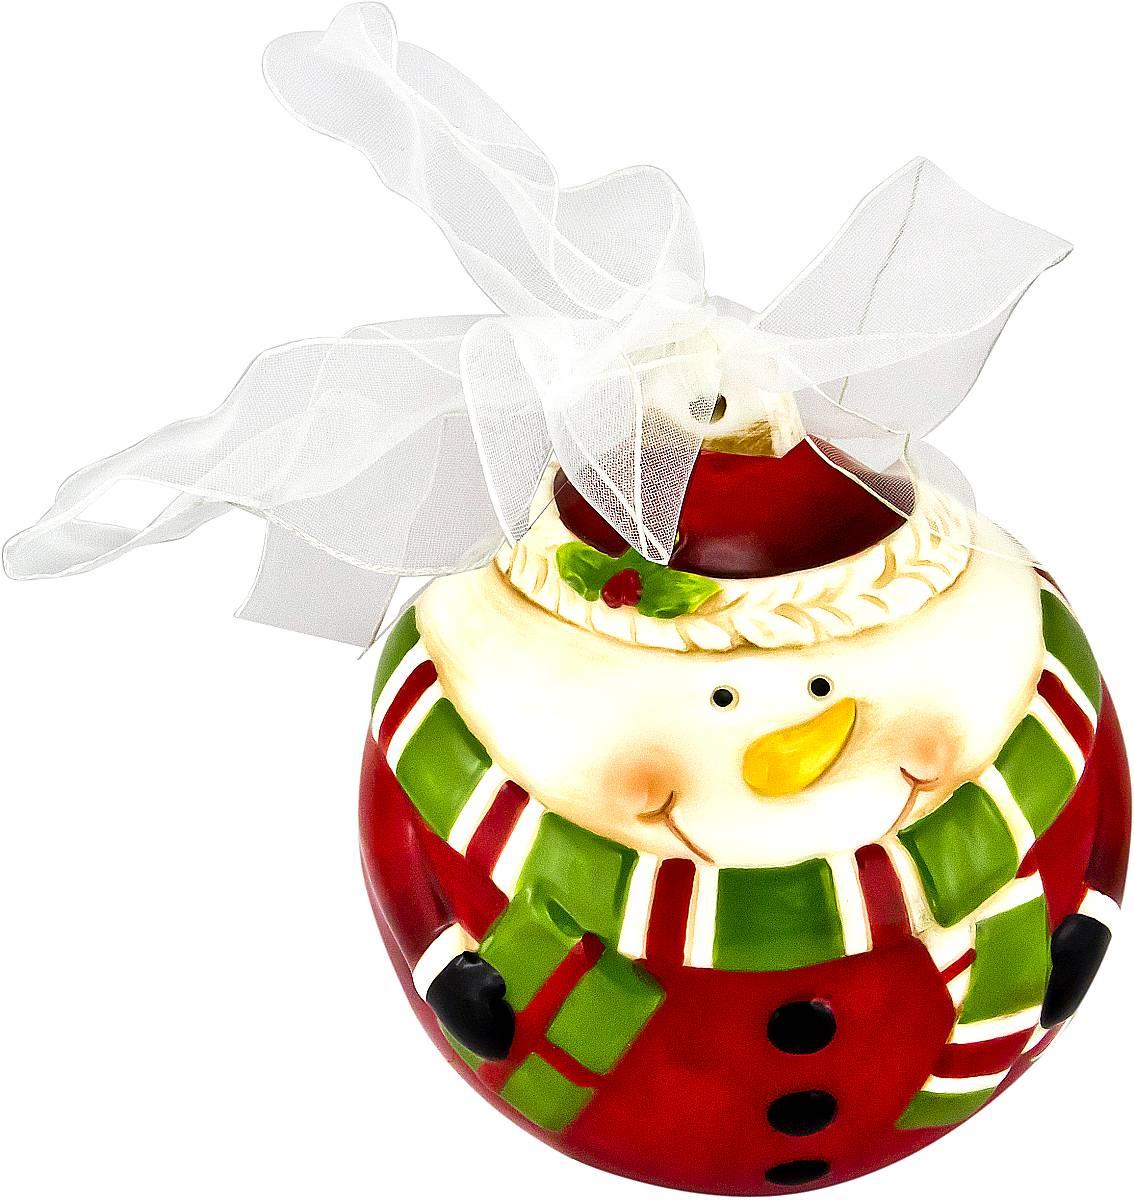 Украшение новогоднее подвесное Mister Christmas Снеговик, длина 13,5 смFD-01Новогоднее подвесное украшение Mister Christmas Снеговик прекрасно подойдет для праздничного декора новогодней ели. Украшение выполнено из керамики. Для удобного размещения на елке предусмотрена петелька в виде ленточки. Елочная игрушка - символ Нового года. Она несет в себе волшебство и красоту праздника. Создайте в своем доме атмосферу веселья и радости, украшая новогоднюю елку нарядными игрушками, которые будут из года в год накапливать теплоту воспоминаний.